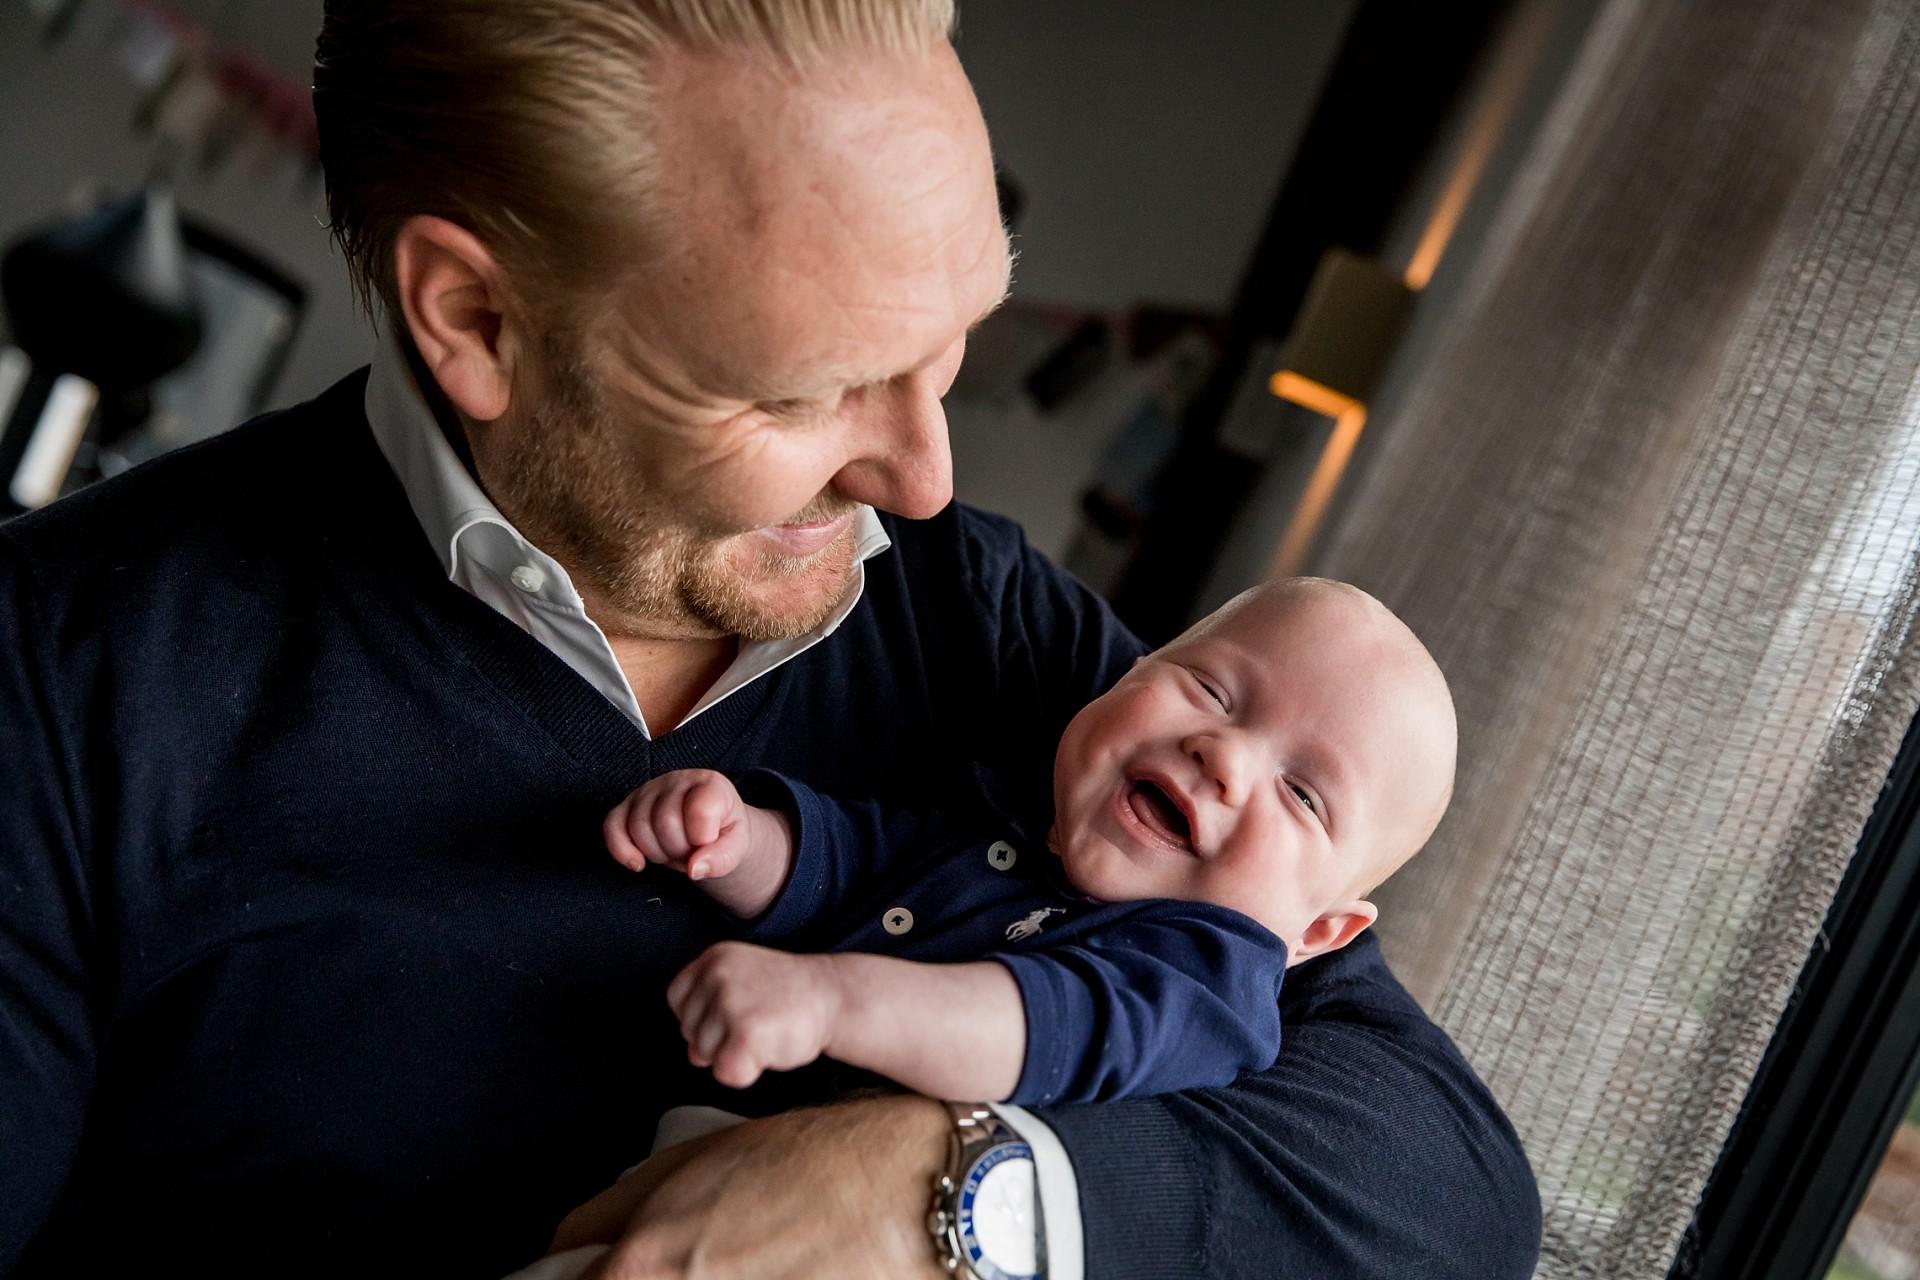 Newborn fotografie Tiel door Elainefotografie